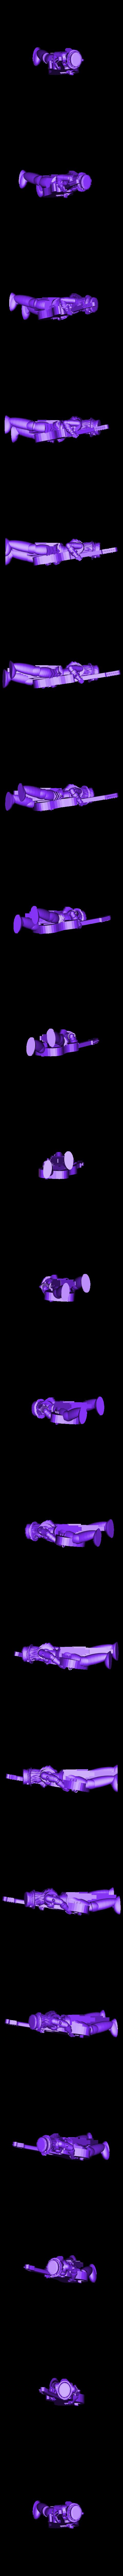 Bard_with_no_Base.stl Télécharger fichier STL gratuit Le Barde de Rock • Design à imprimer en 3D, mrhers2